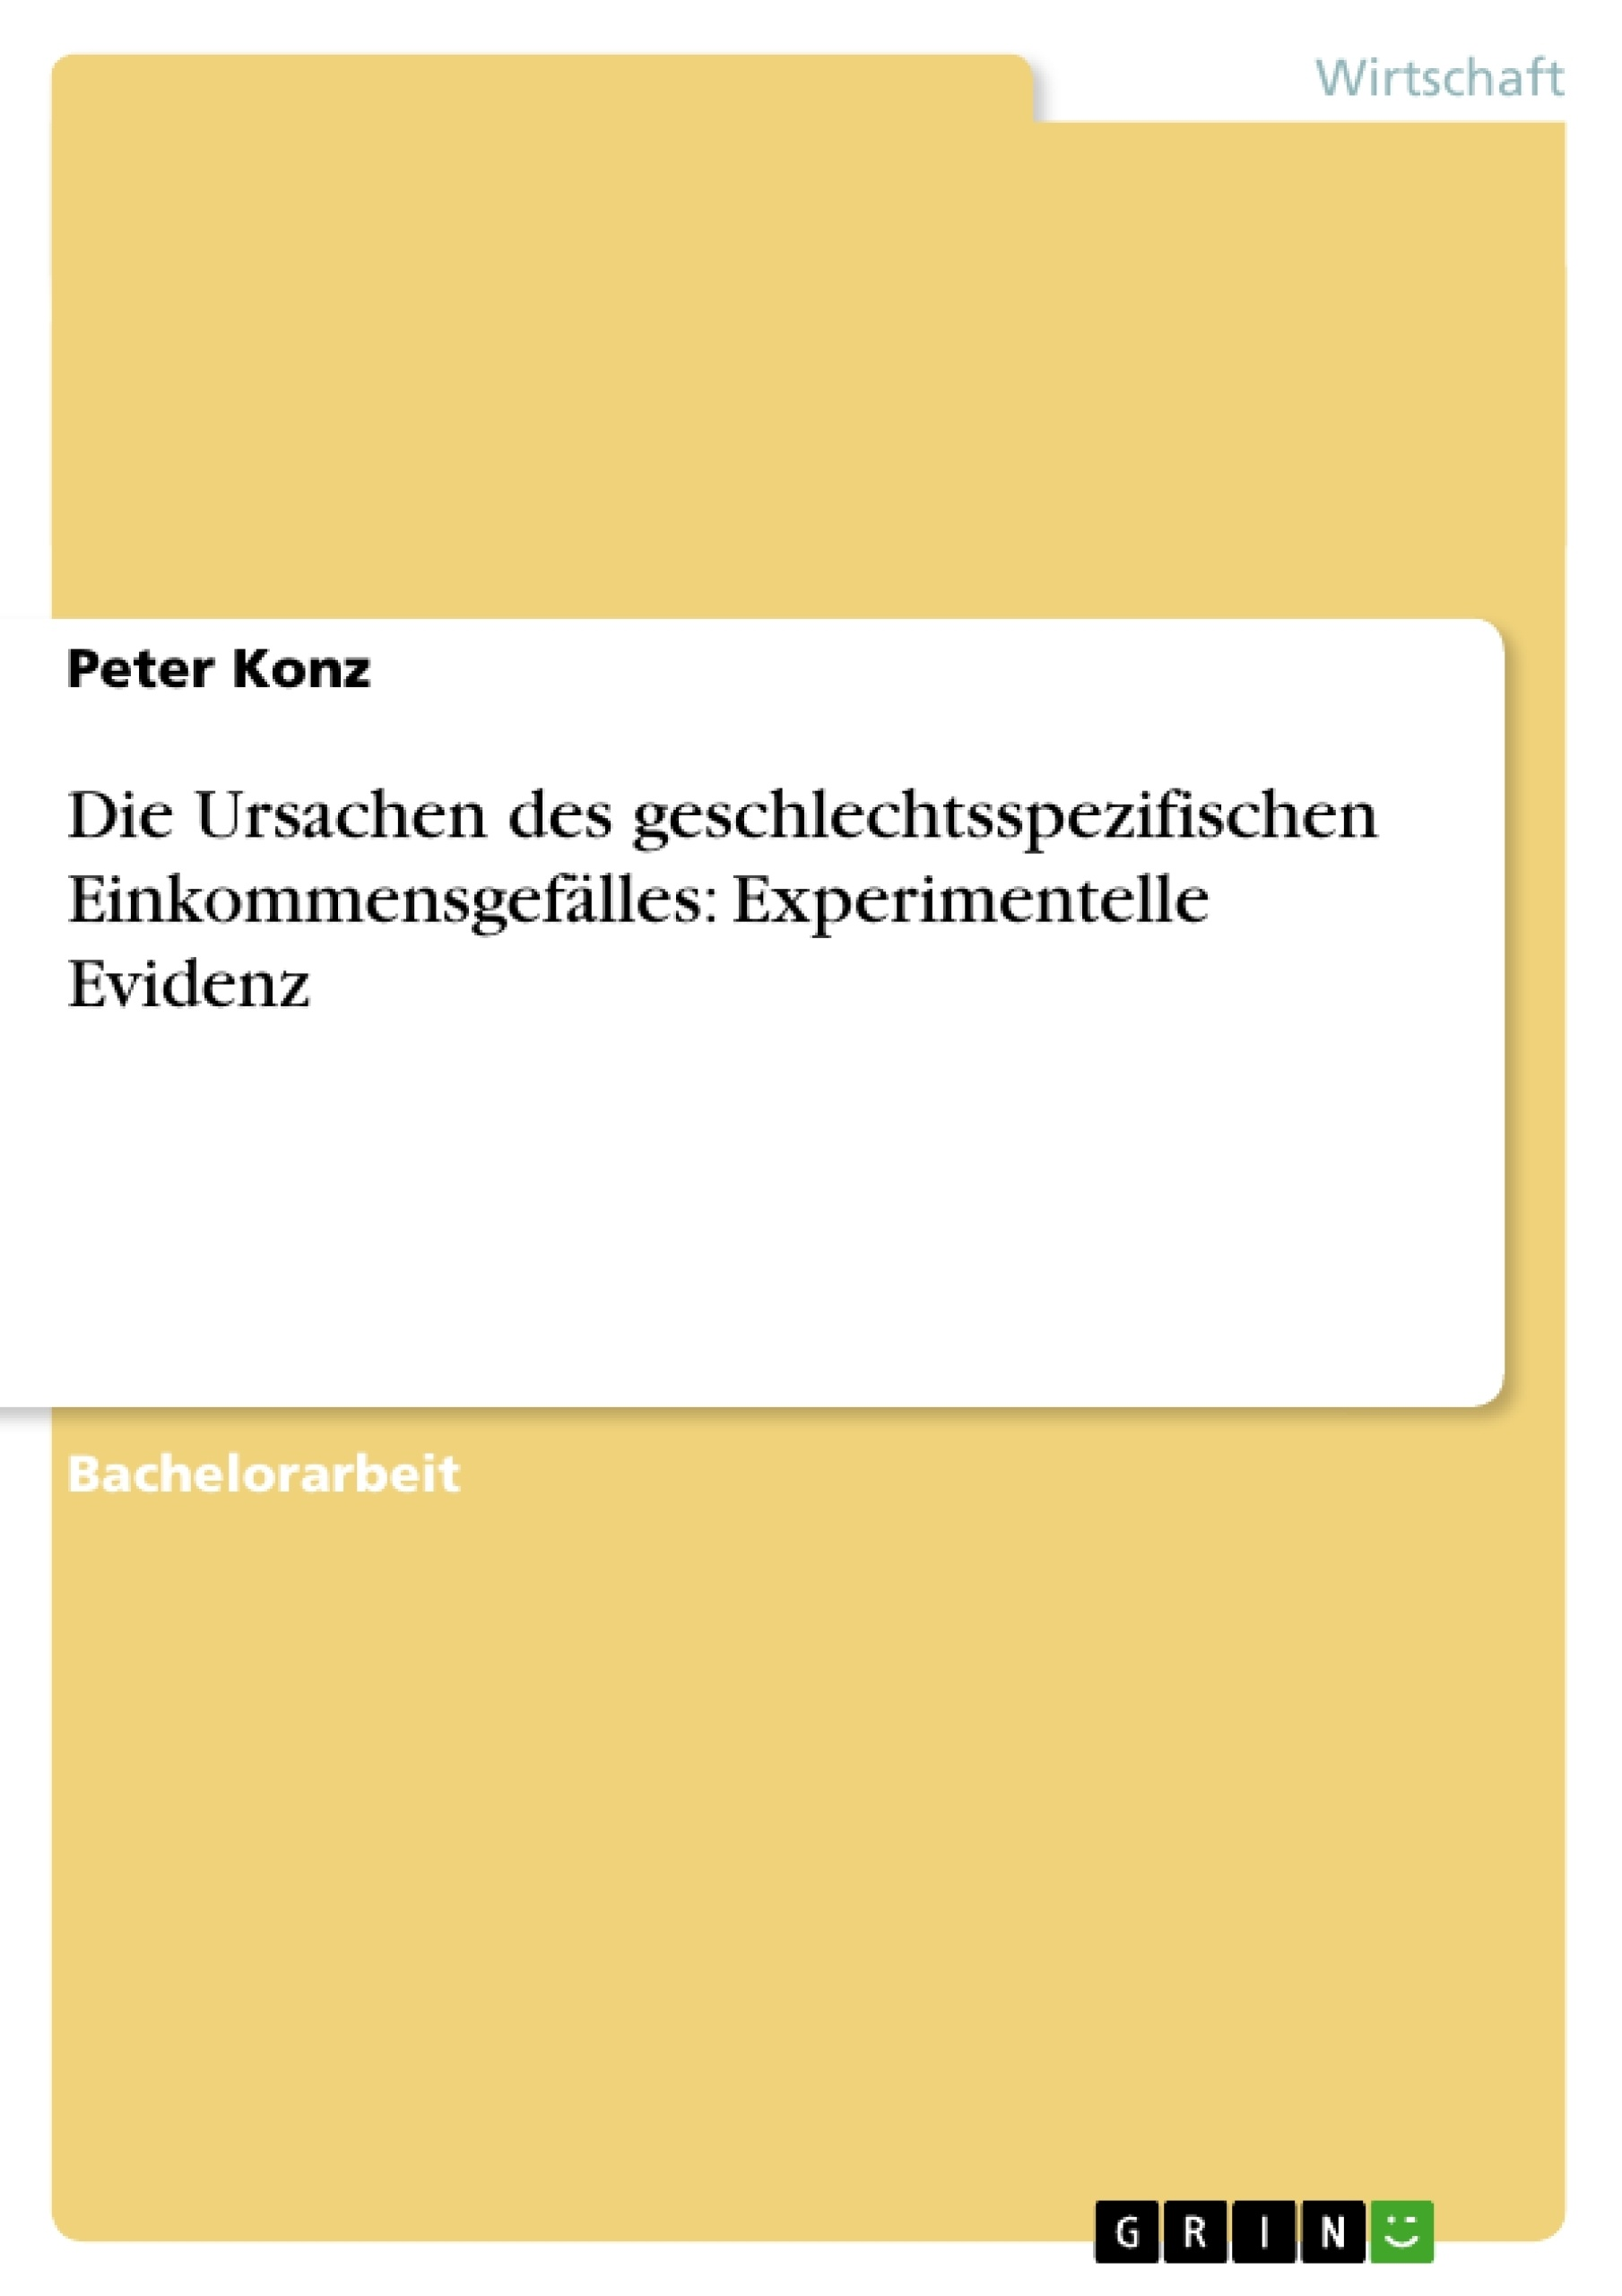 Titel: Die Ursachen des geschlechtsspezifischen Einkommensgefälles: Experimentelle Evidenz